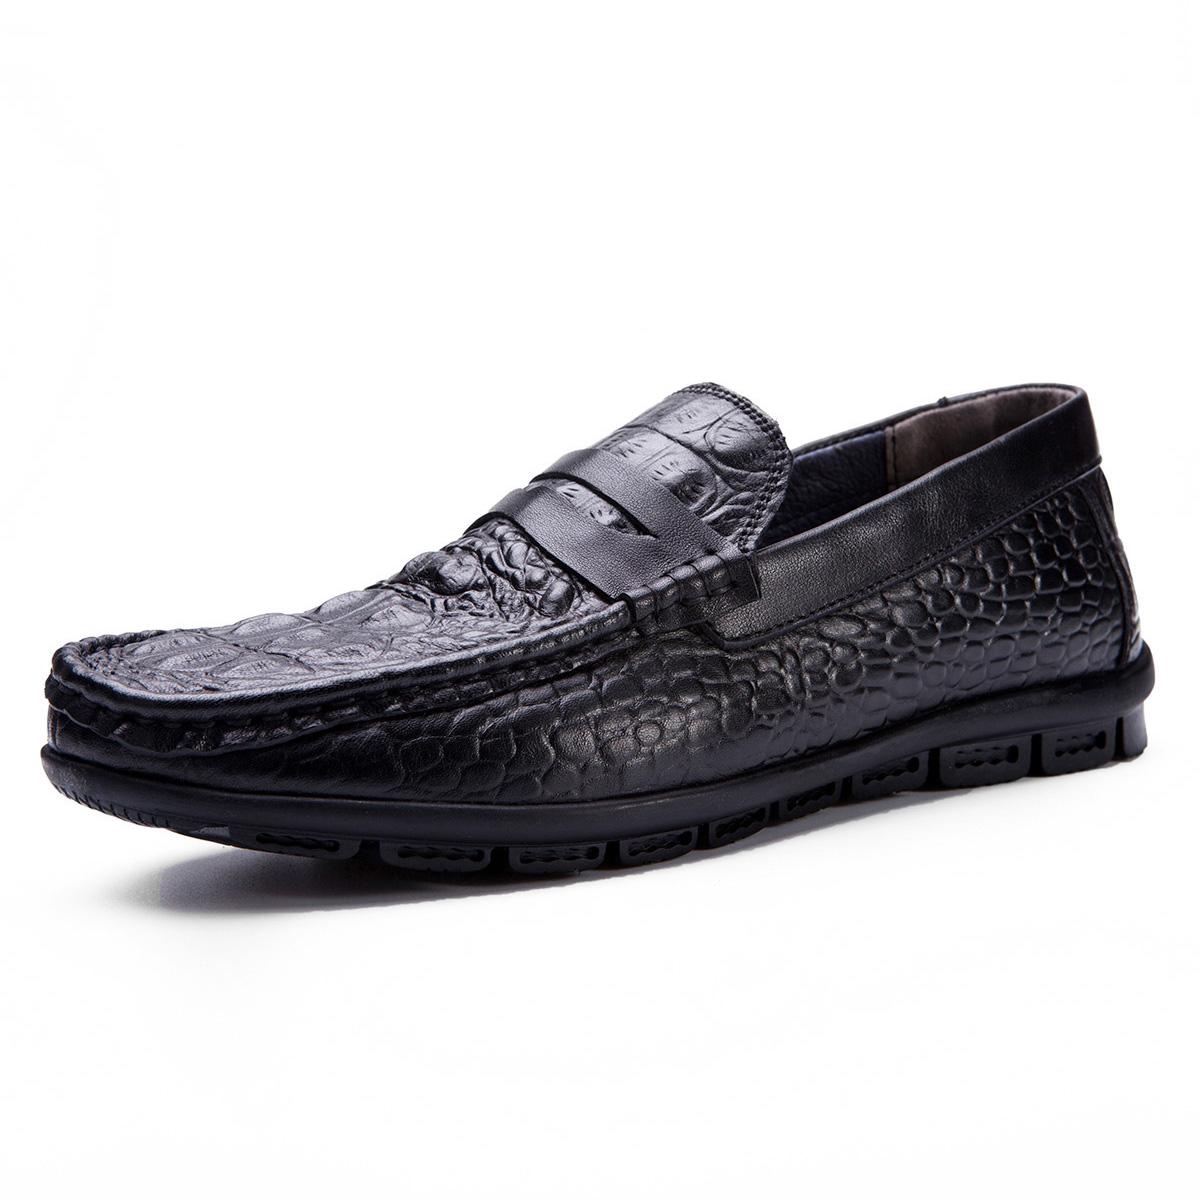 Giày lười da nam trung niên CG002